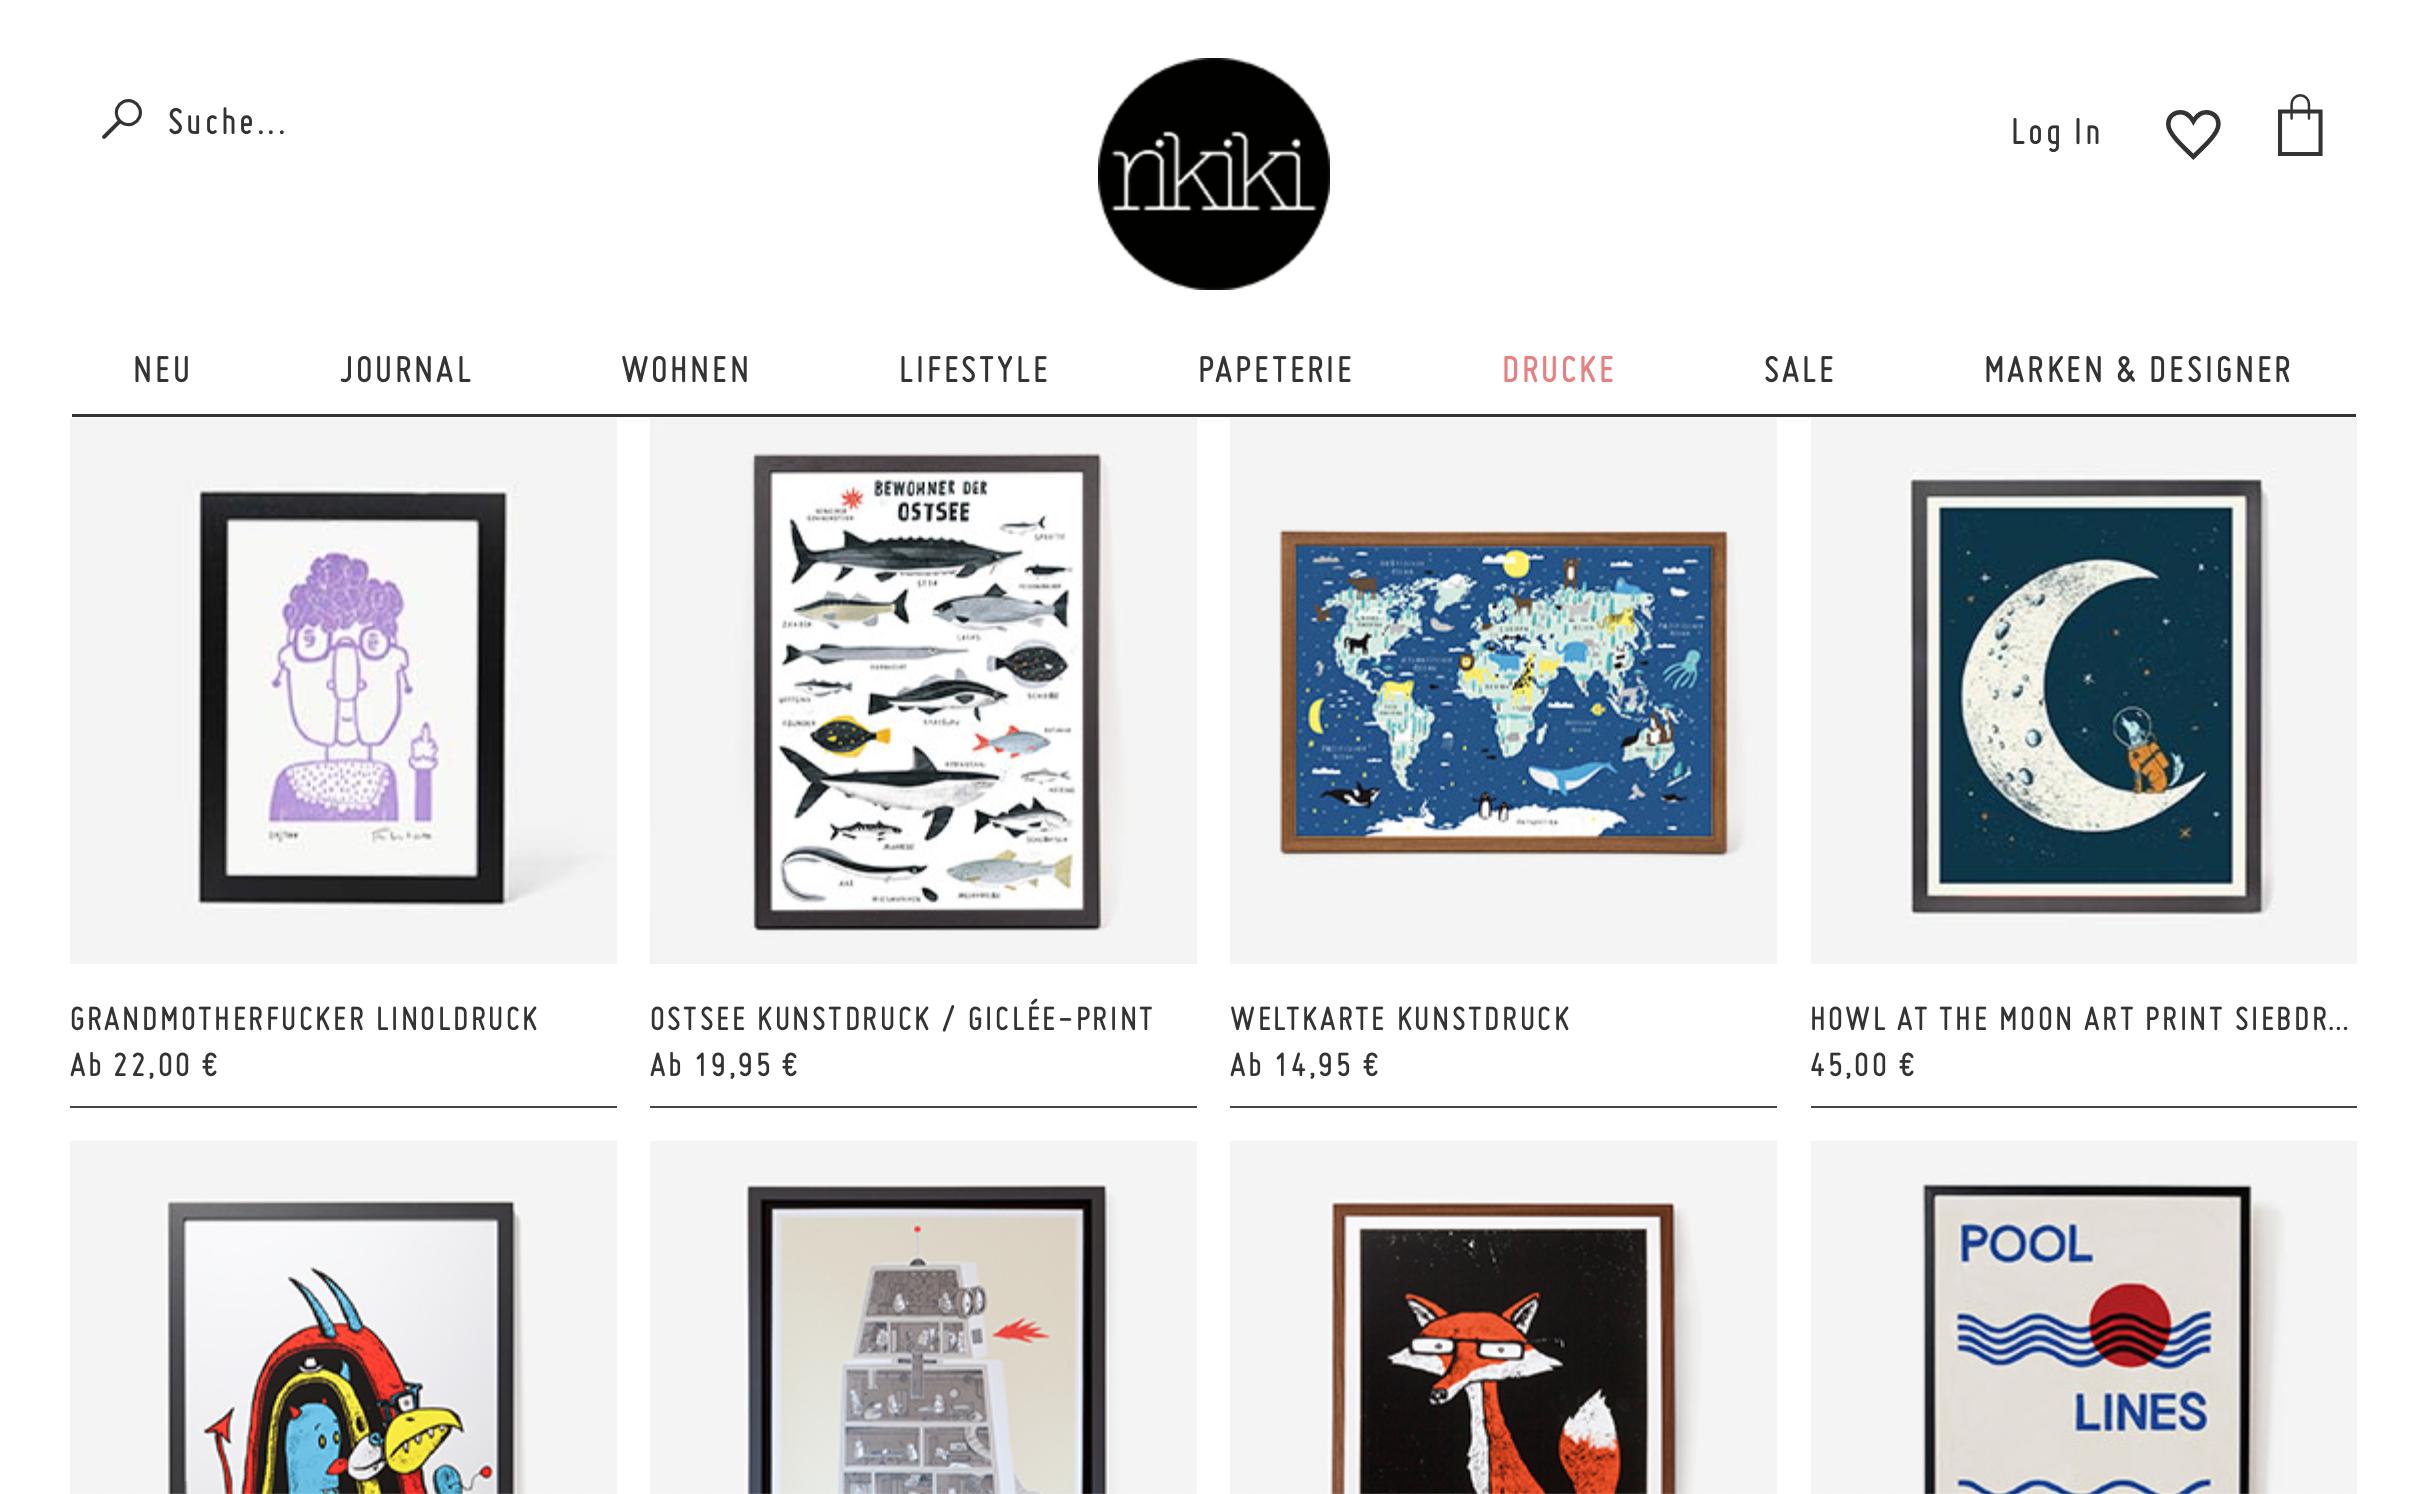 rikiki Grafik & Design - hochwertige Drucke und Accessoires - 10% Rabatt